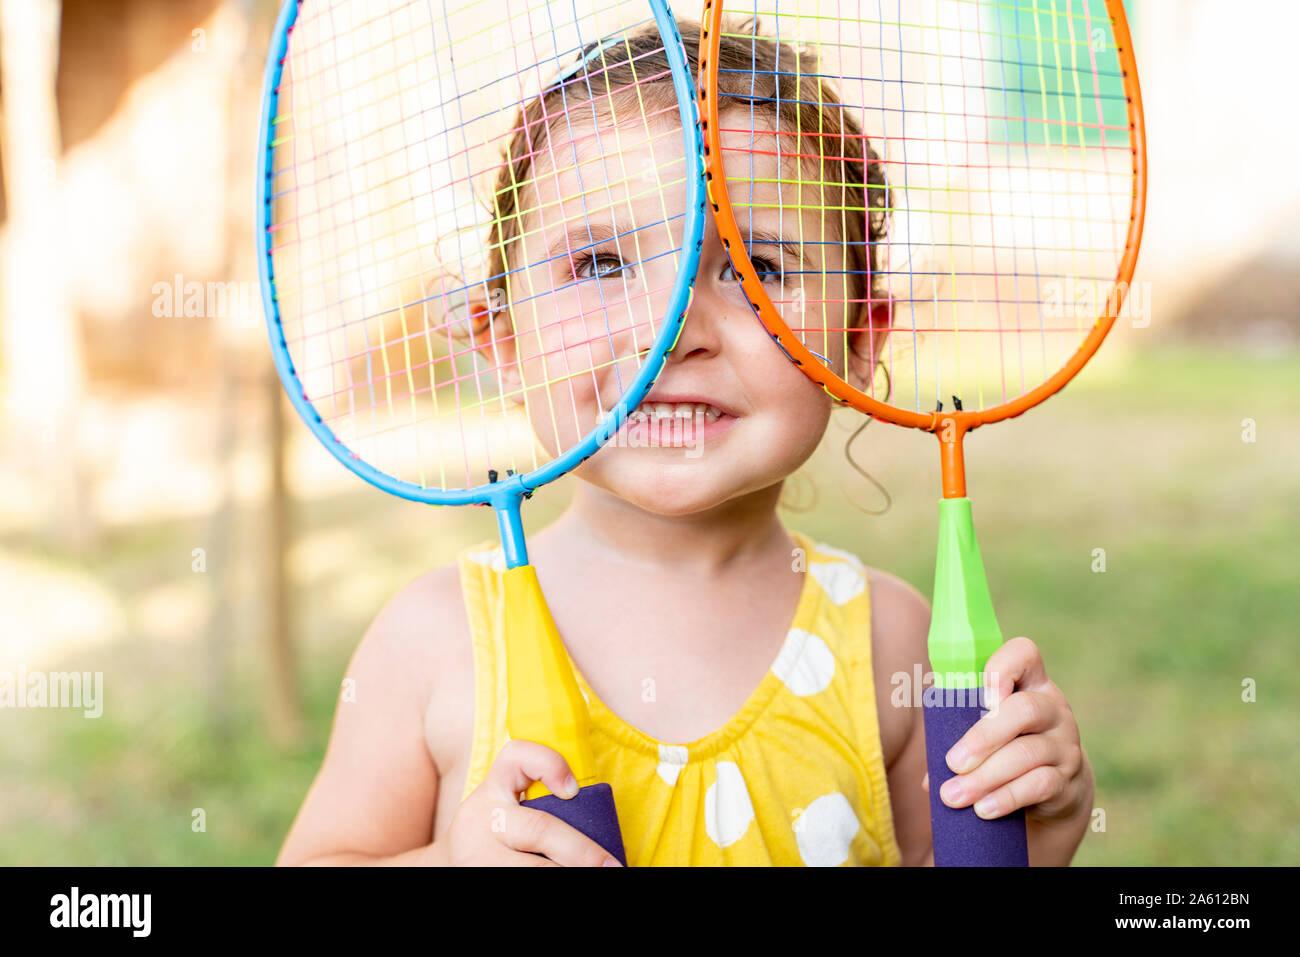 Bambina giocando con colorati badminton racchette all'aperto in estate Foto Stock